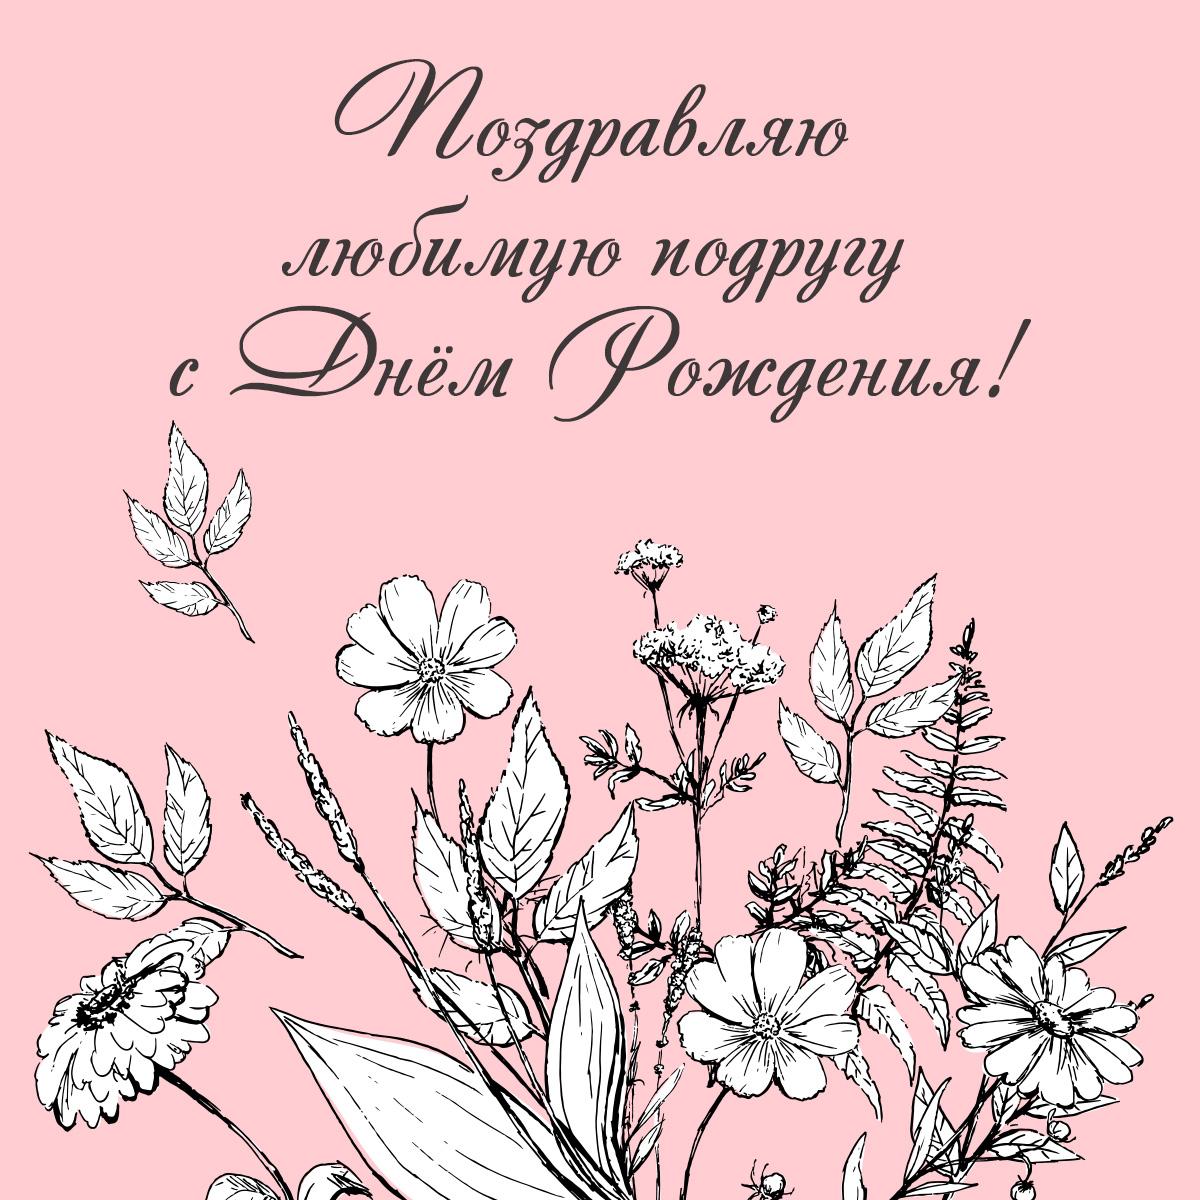 Картинка с текстом - открытка с днем рождения подруге красивые цветы на розовом фоне.